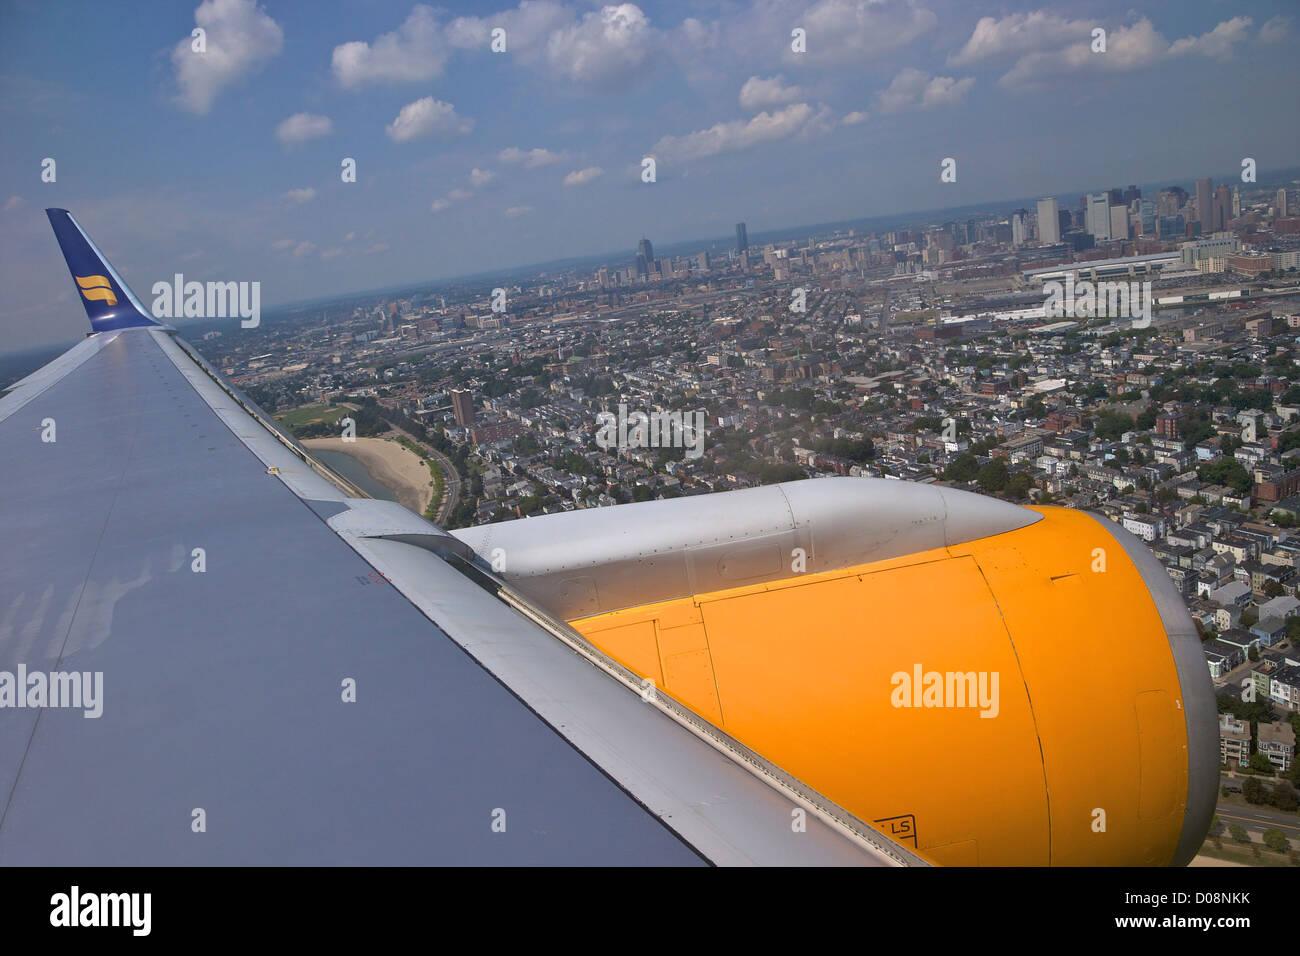 Vista desde la ventana de aviones a reacción de pasajeros icelandair en Boston, EE.UU. Imagen De Stock